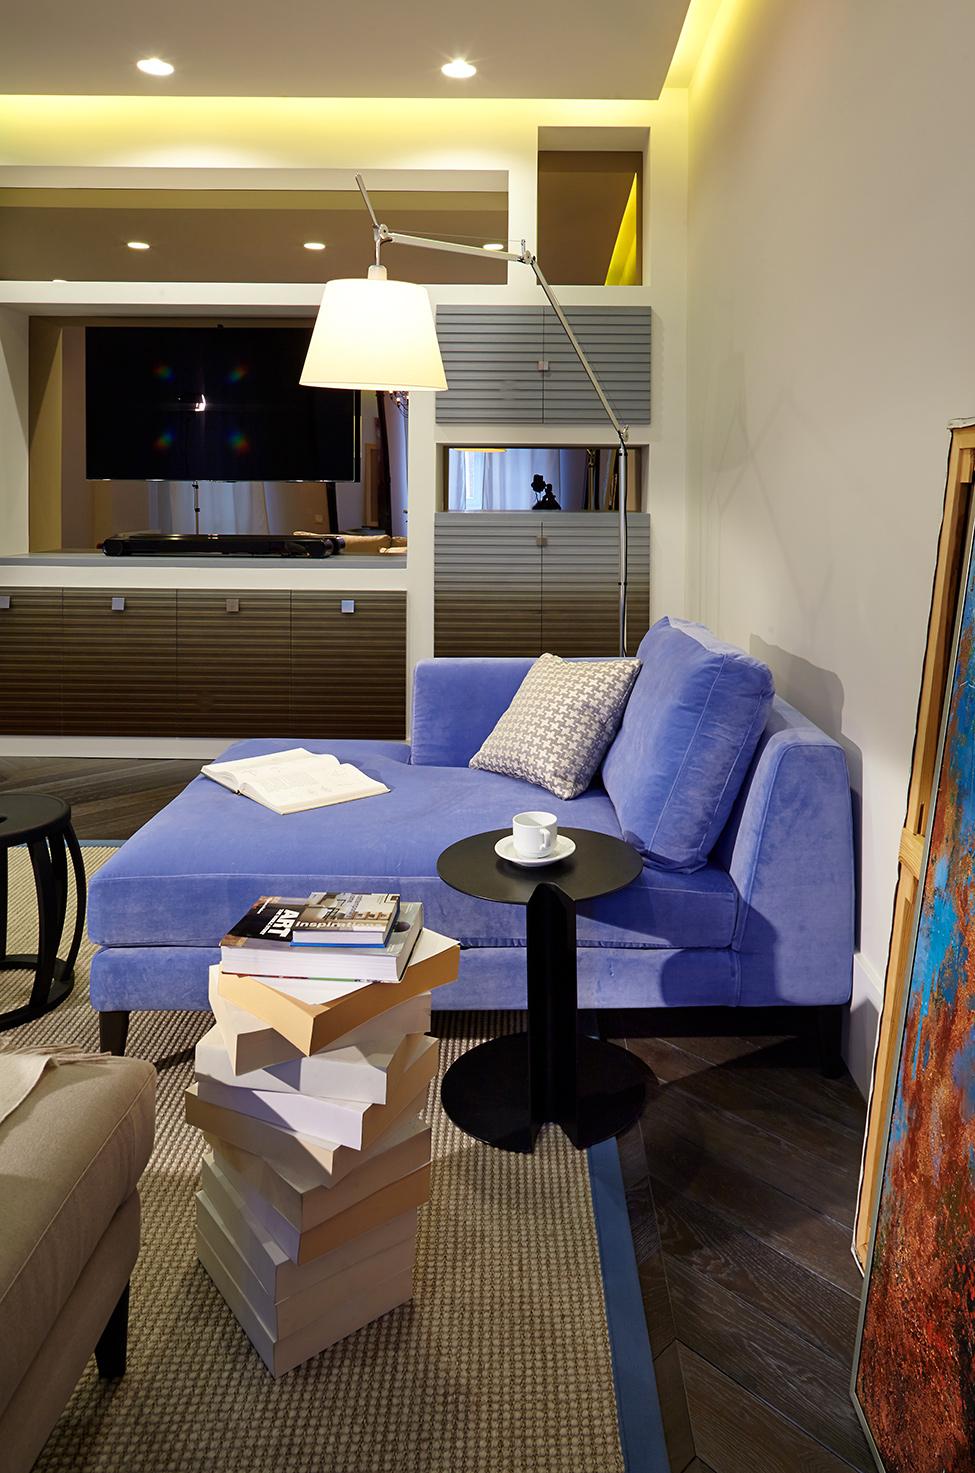 Как Расставить Мебель в Однокомнатной Хрущевке с Ребенком, Правильная Обстановка Квартиры 18 кв м, Размещение и Планировка Однушки по Фен Шуй, Светлый Дизайн Студии Примеры